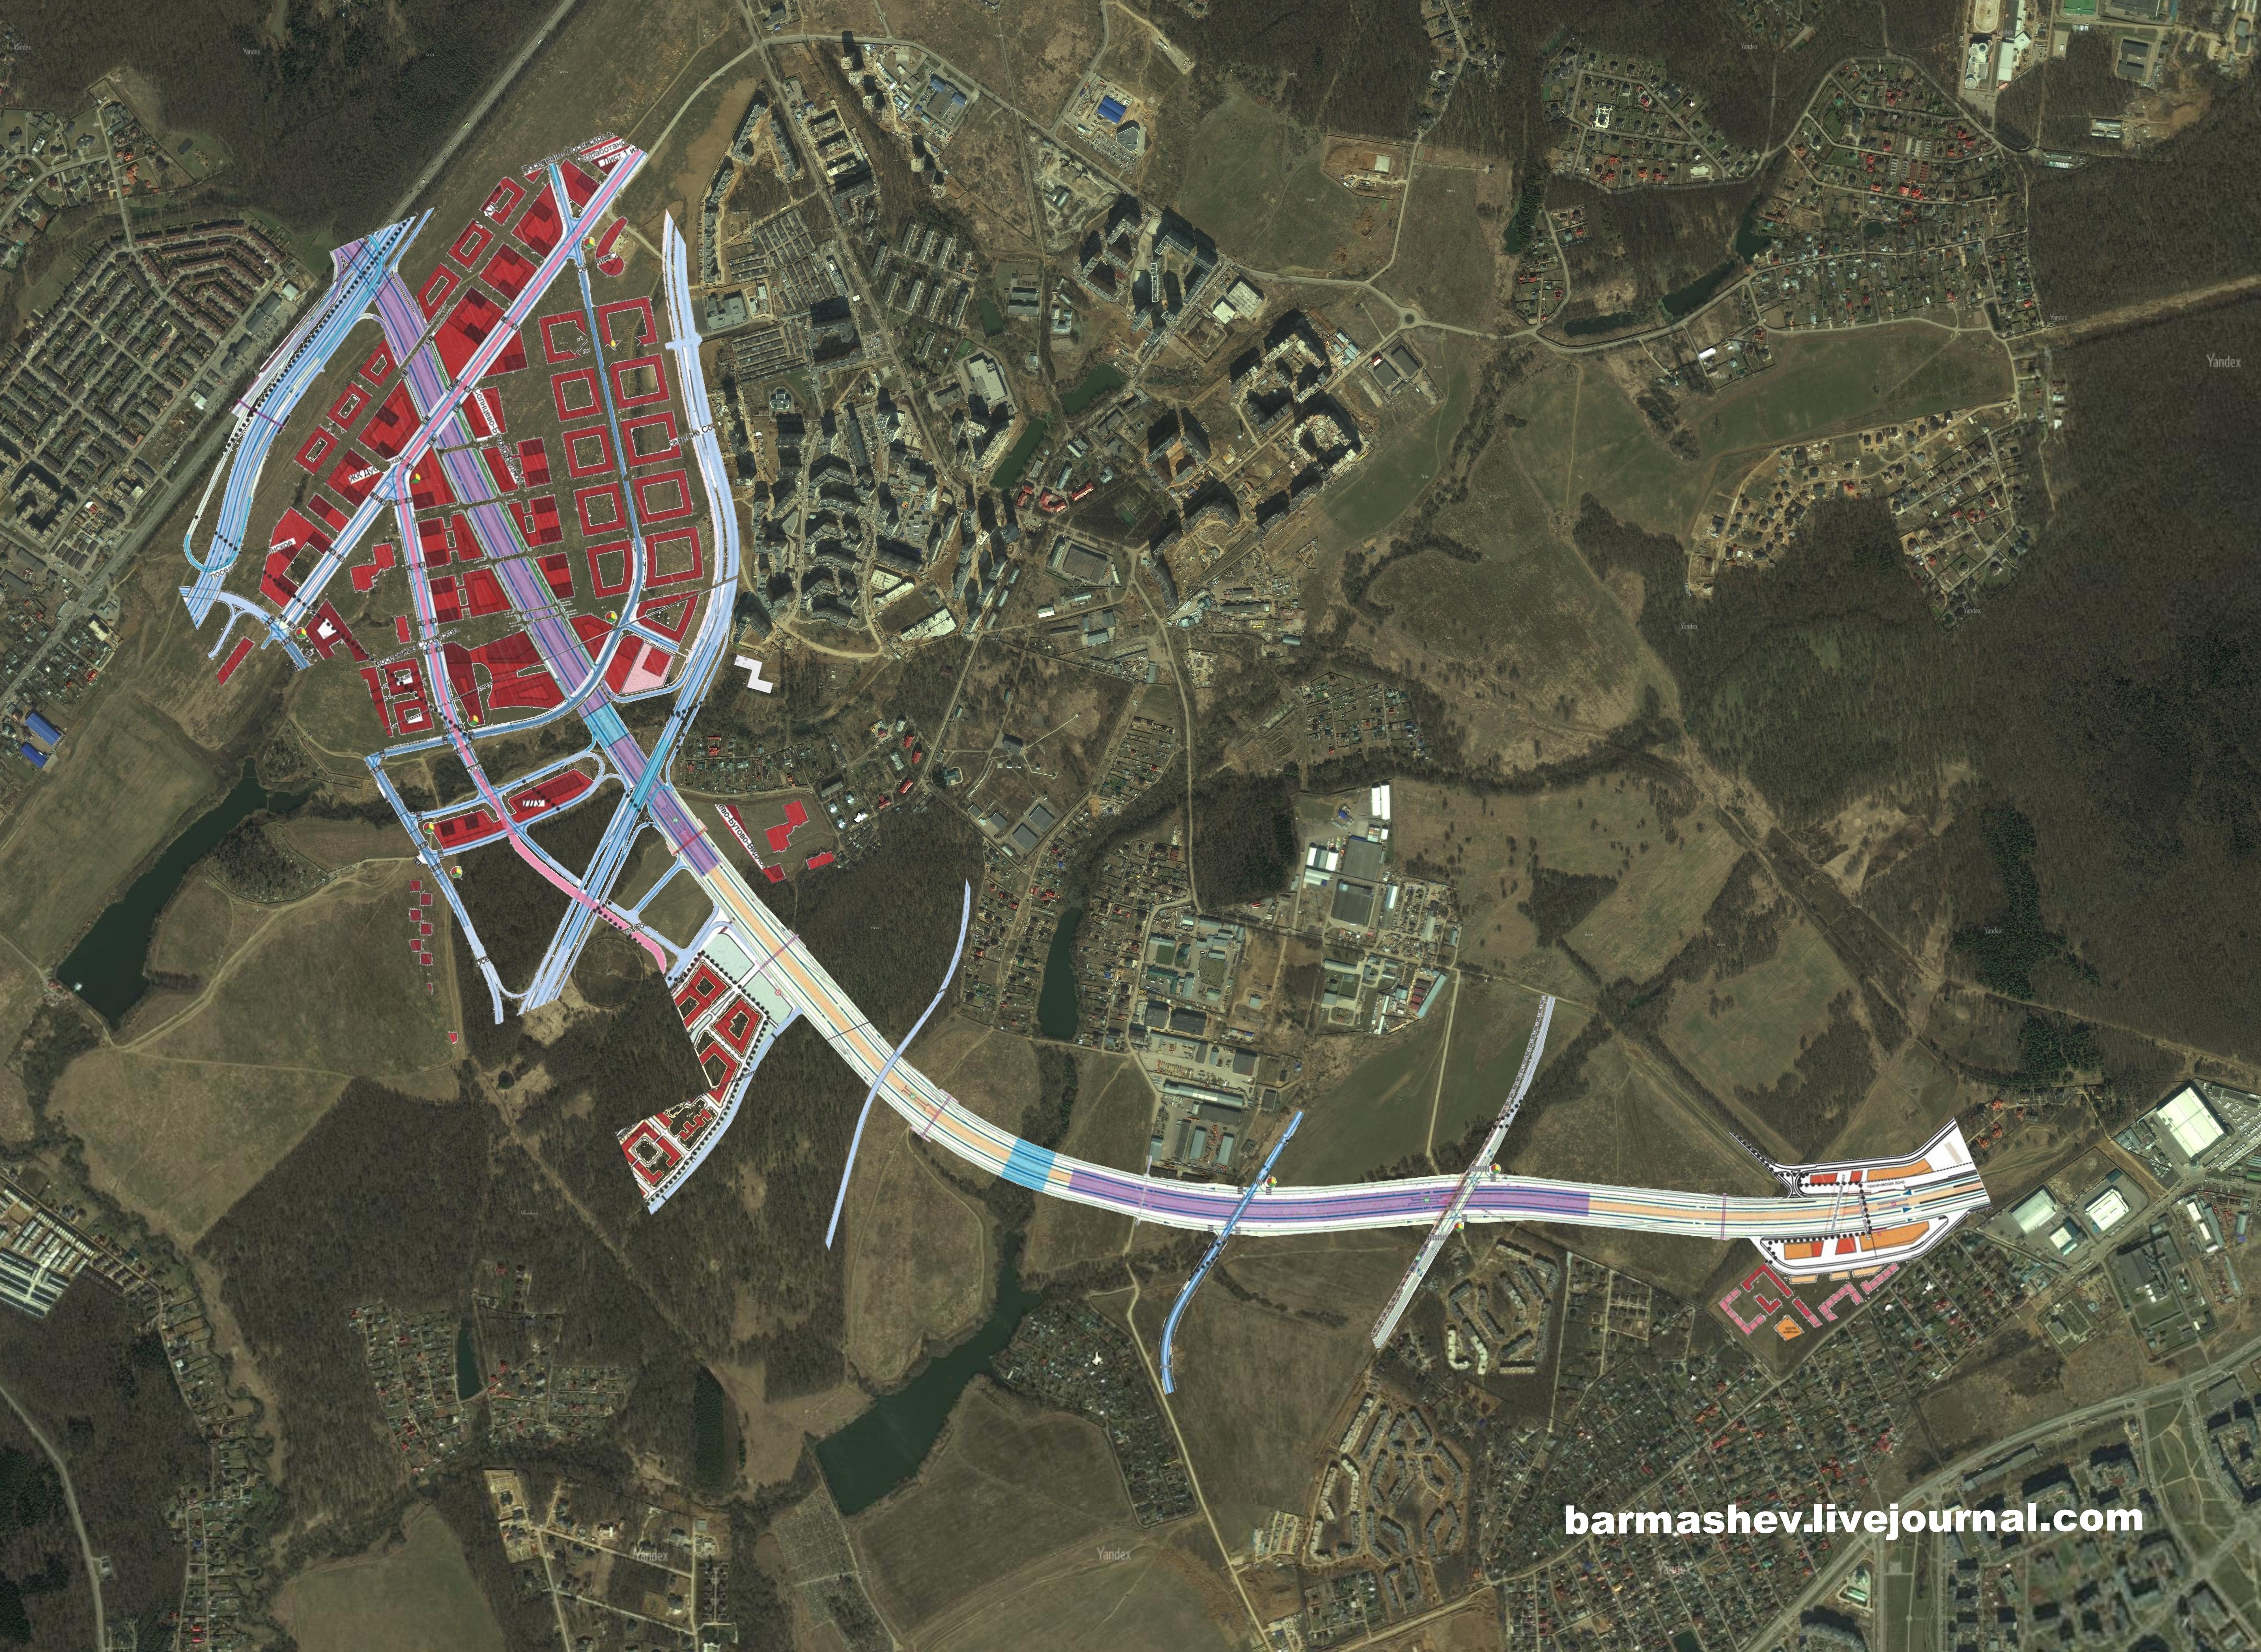 проект реконструкция калужского шоссе 2014 схема